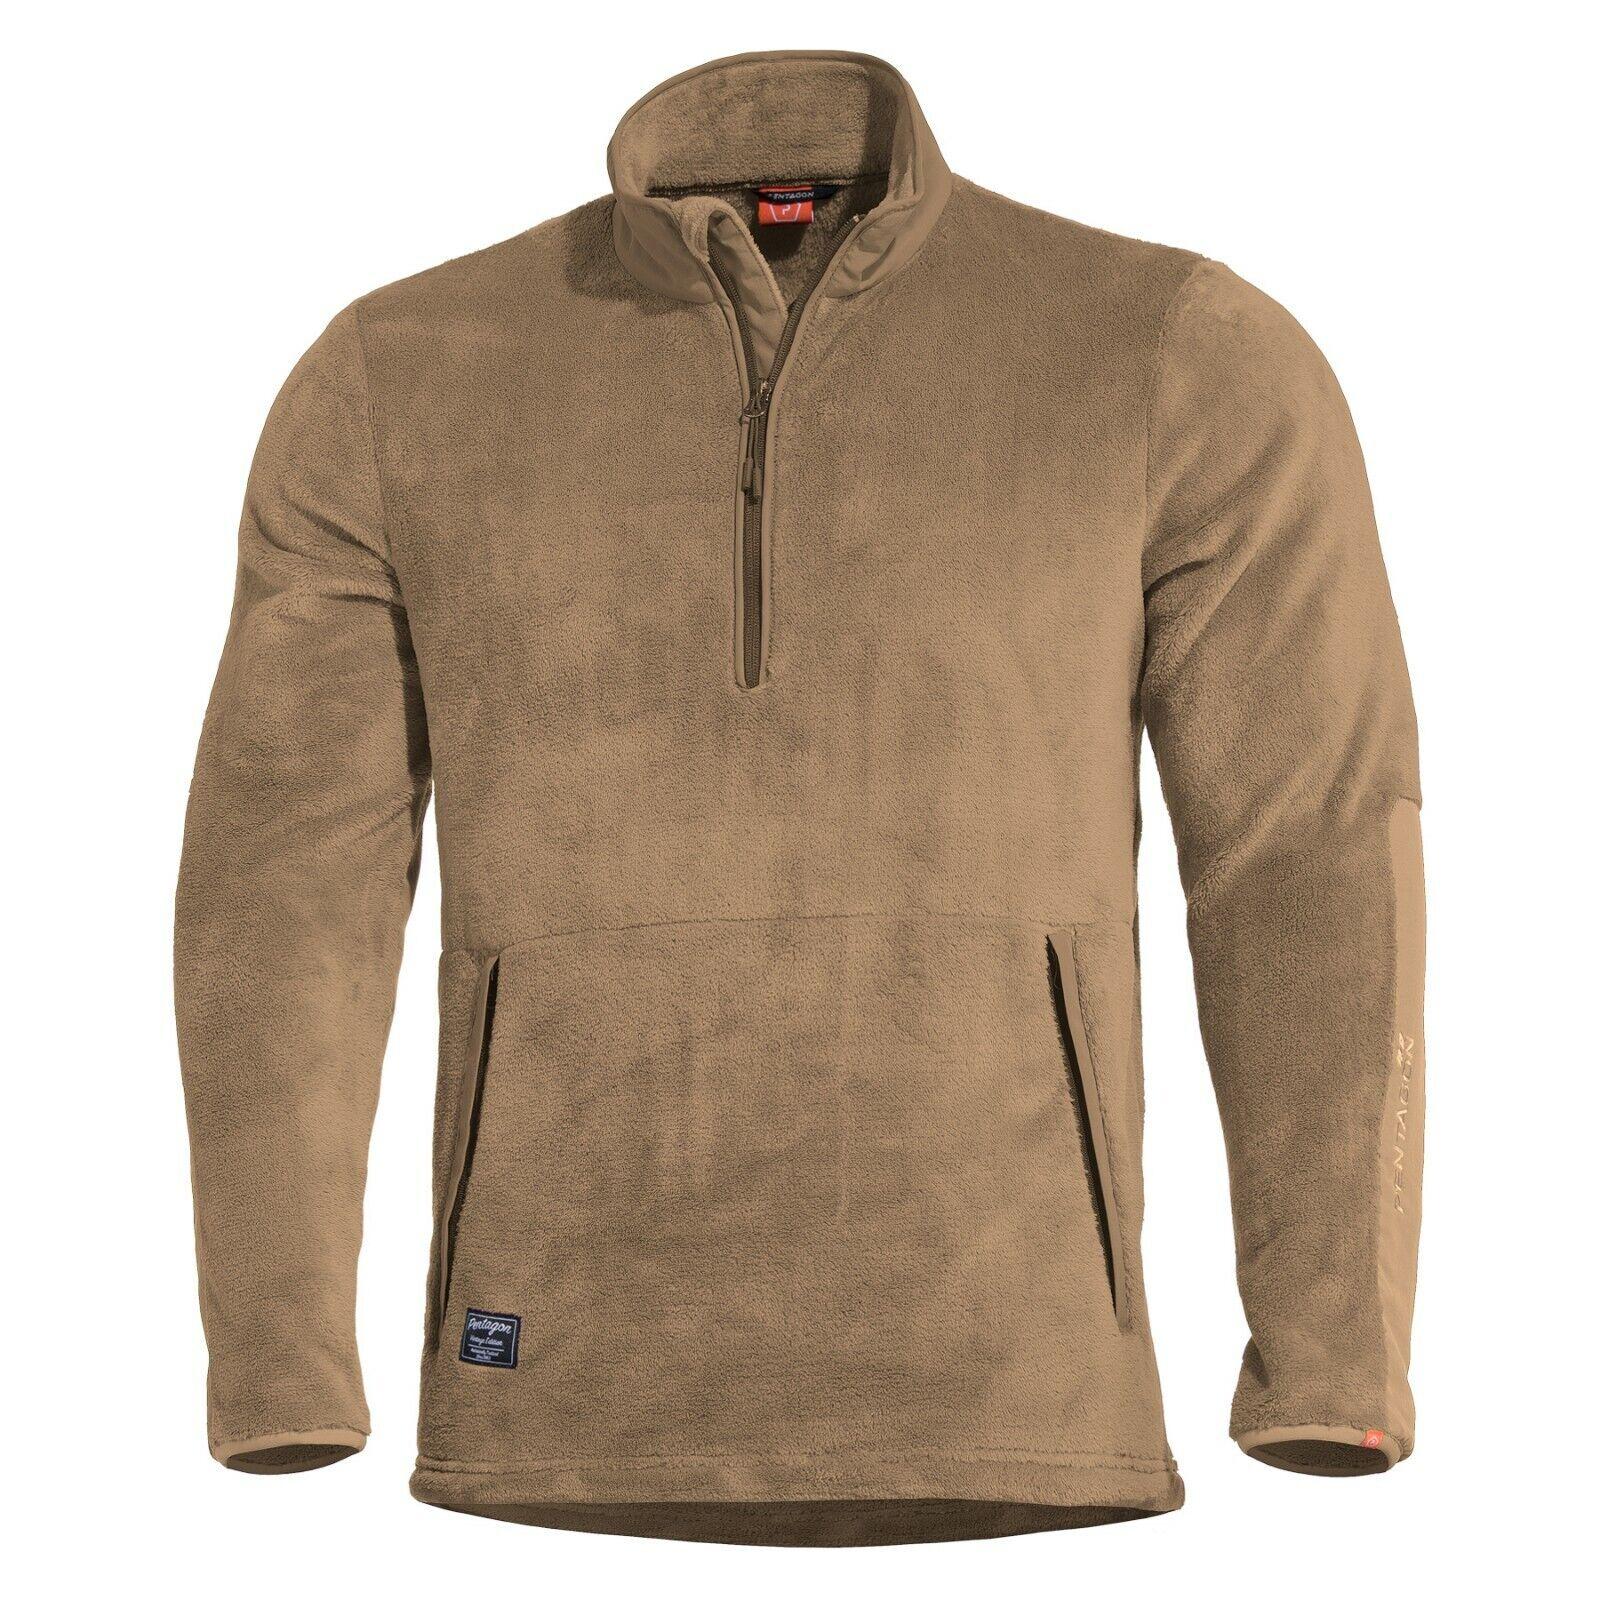 aab424db01951e Pentagon Sweatshirt Herren Jacke Militär Outdoor Trekking Grizzly Coyote